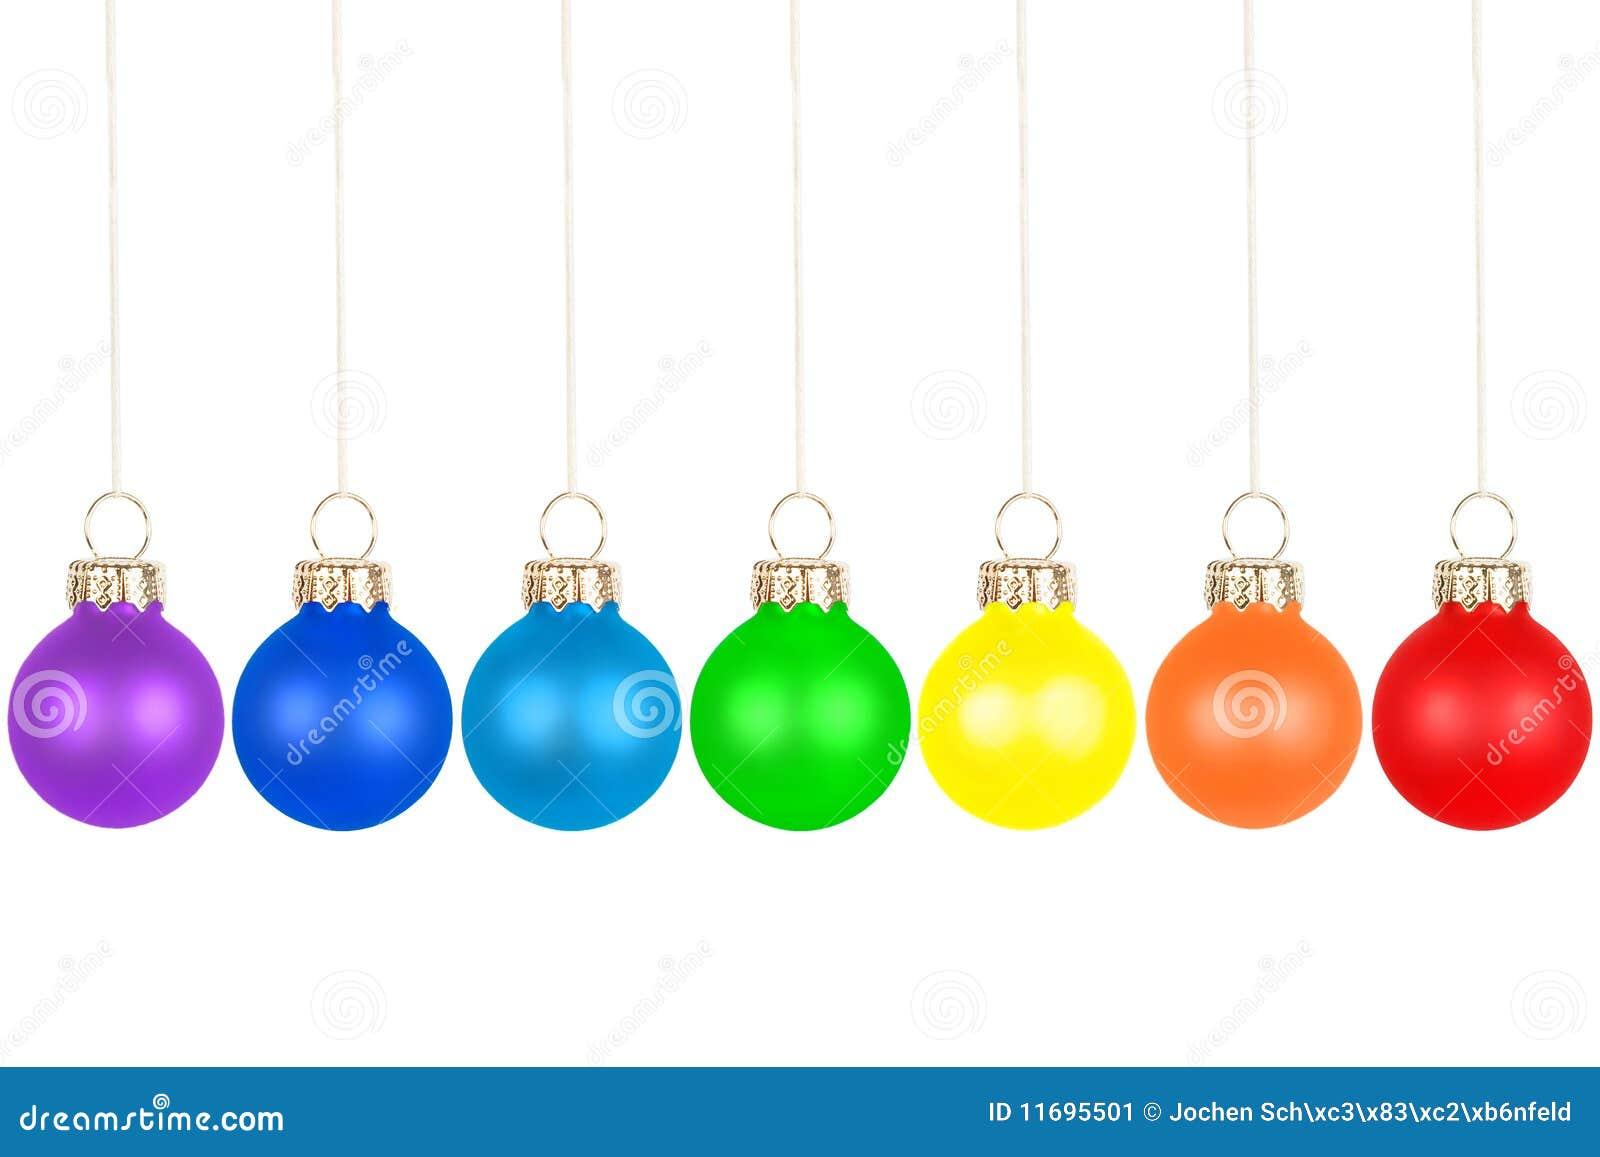 Christmas Tree Ball Colors : Christmas tree balls rainbow colors stock image